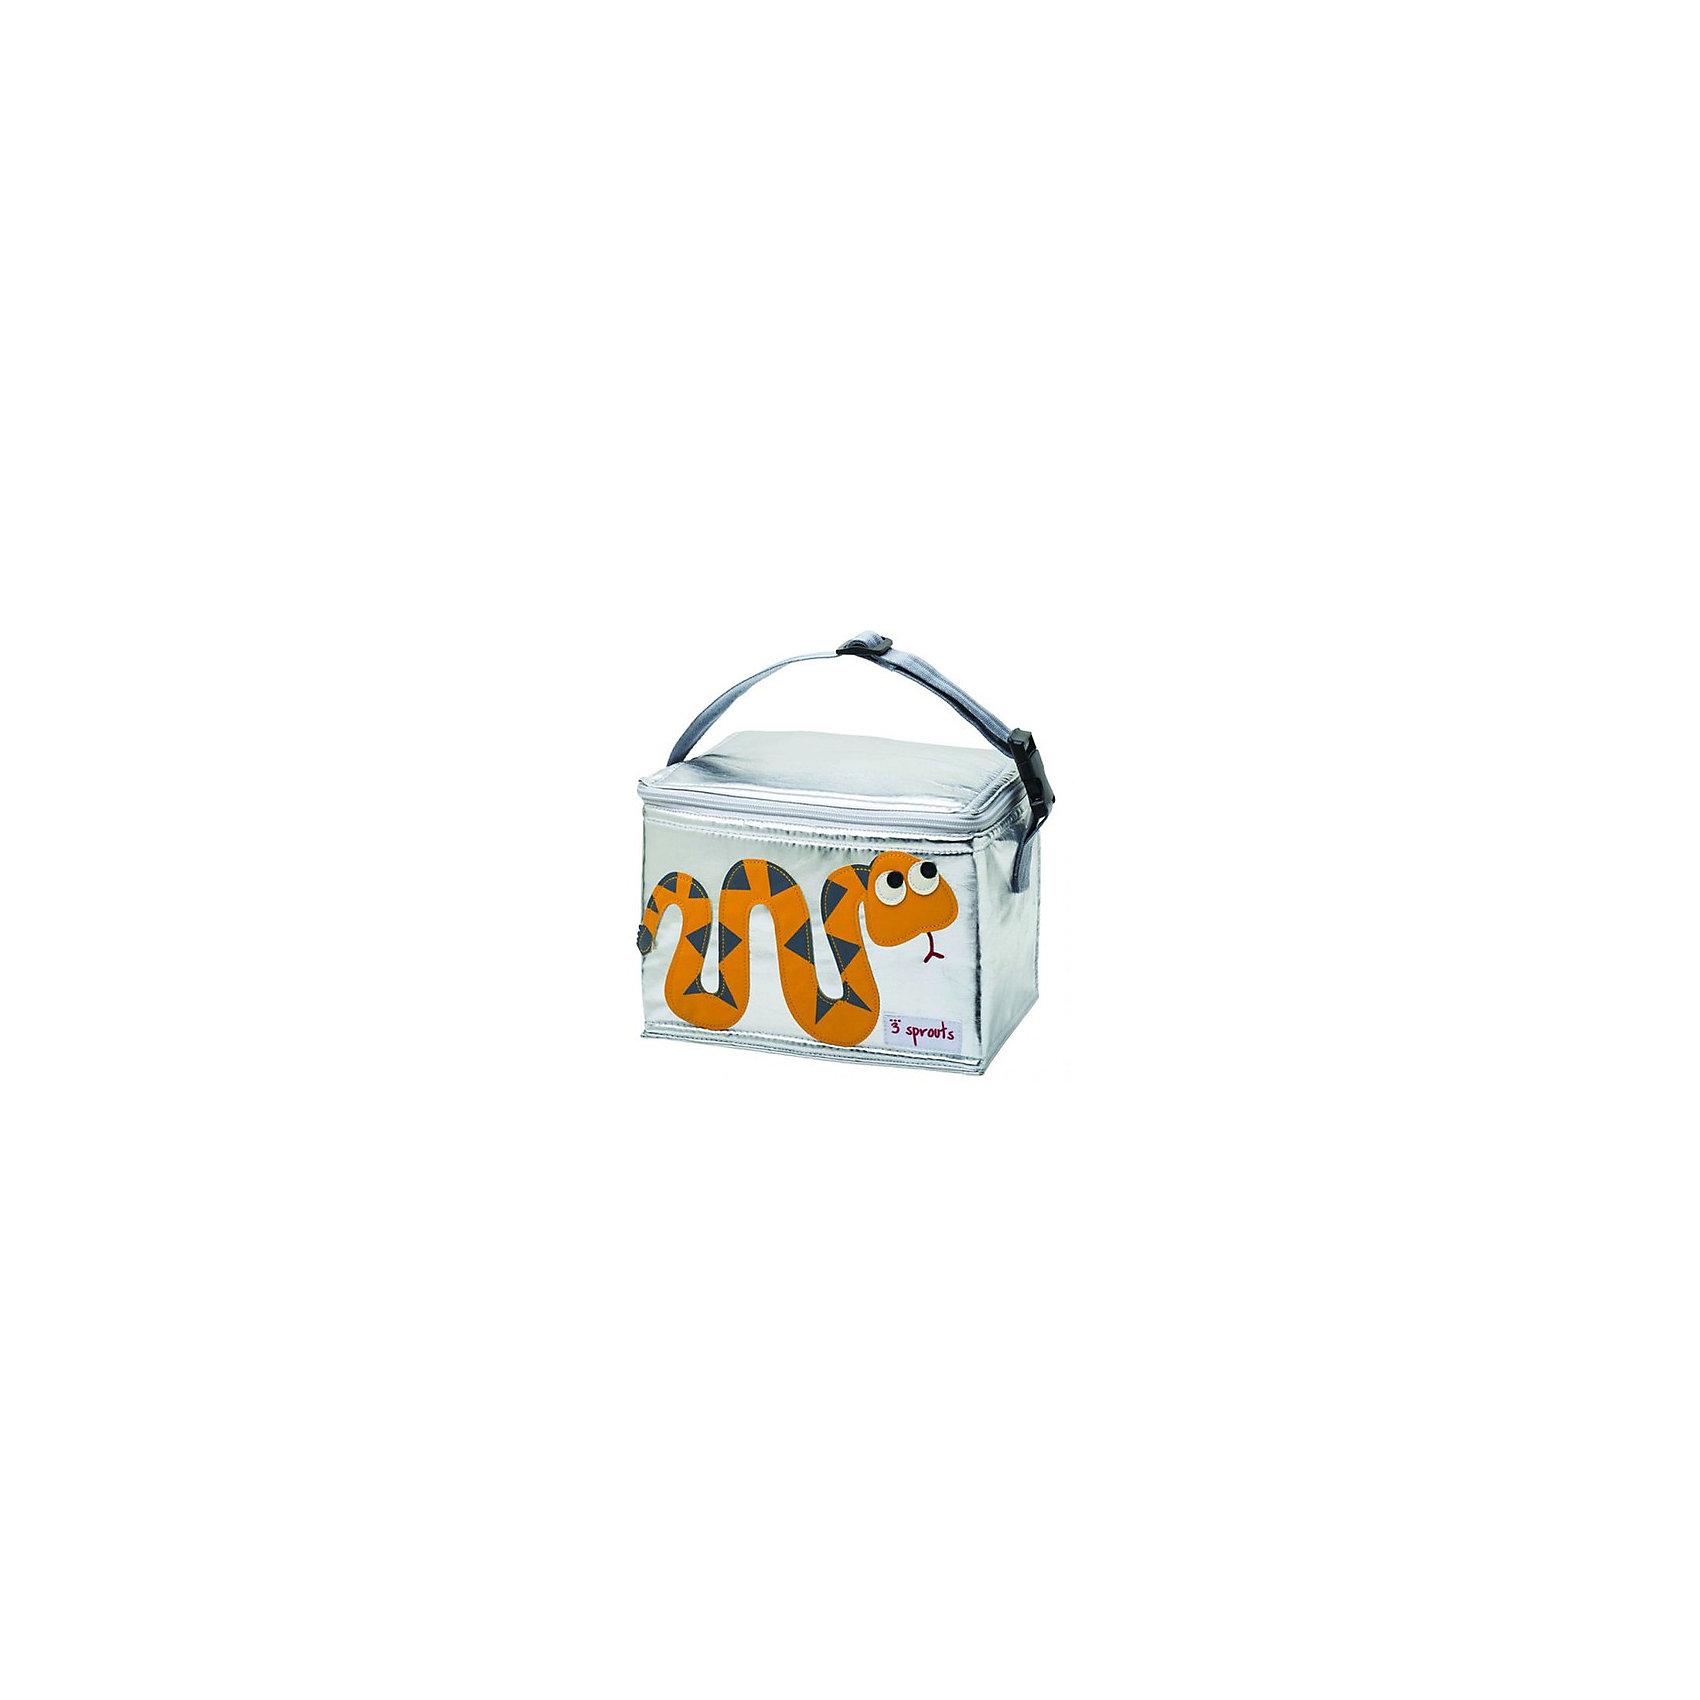 Сумка для обеда Змейка (Orange Snake SPR1005), 3 Sprouts, оранжевыйПрекрасная сумка для обеда! Размер идеален для контейнеров, так что вы можете отправить детей в школу вместе с сытными закусками и обедами.<br><br>Дополнительная информация:<br><br>- Размер: 17х17х22 см.<br>- Материал: полиуретан, полиэтиленовая пена, PEVA.<br>- Орнамент: Змейка.<br>- Цвет: оранжевый.<br><br>Купить сумку для обеда Змейка (Orange Snake), можно в нашем магазине.<br><br>Ширина мм: 170<br>Глубина мм: 40<br>Высота мм: 250<br>Вес г: 200<br>Возраст от месяцев: 6<br>Возраст до месяцев: 84<br>Пол: Унисекс<br>Возраст: Детский<br>SKU: 5098261